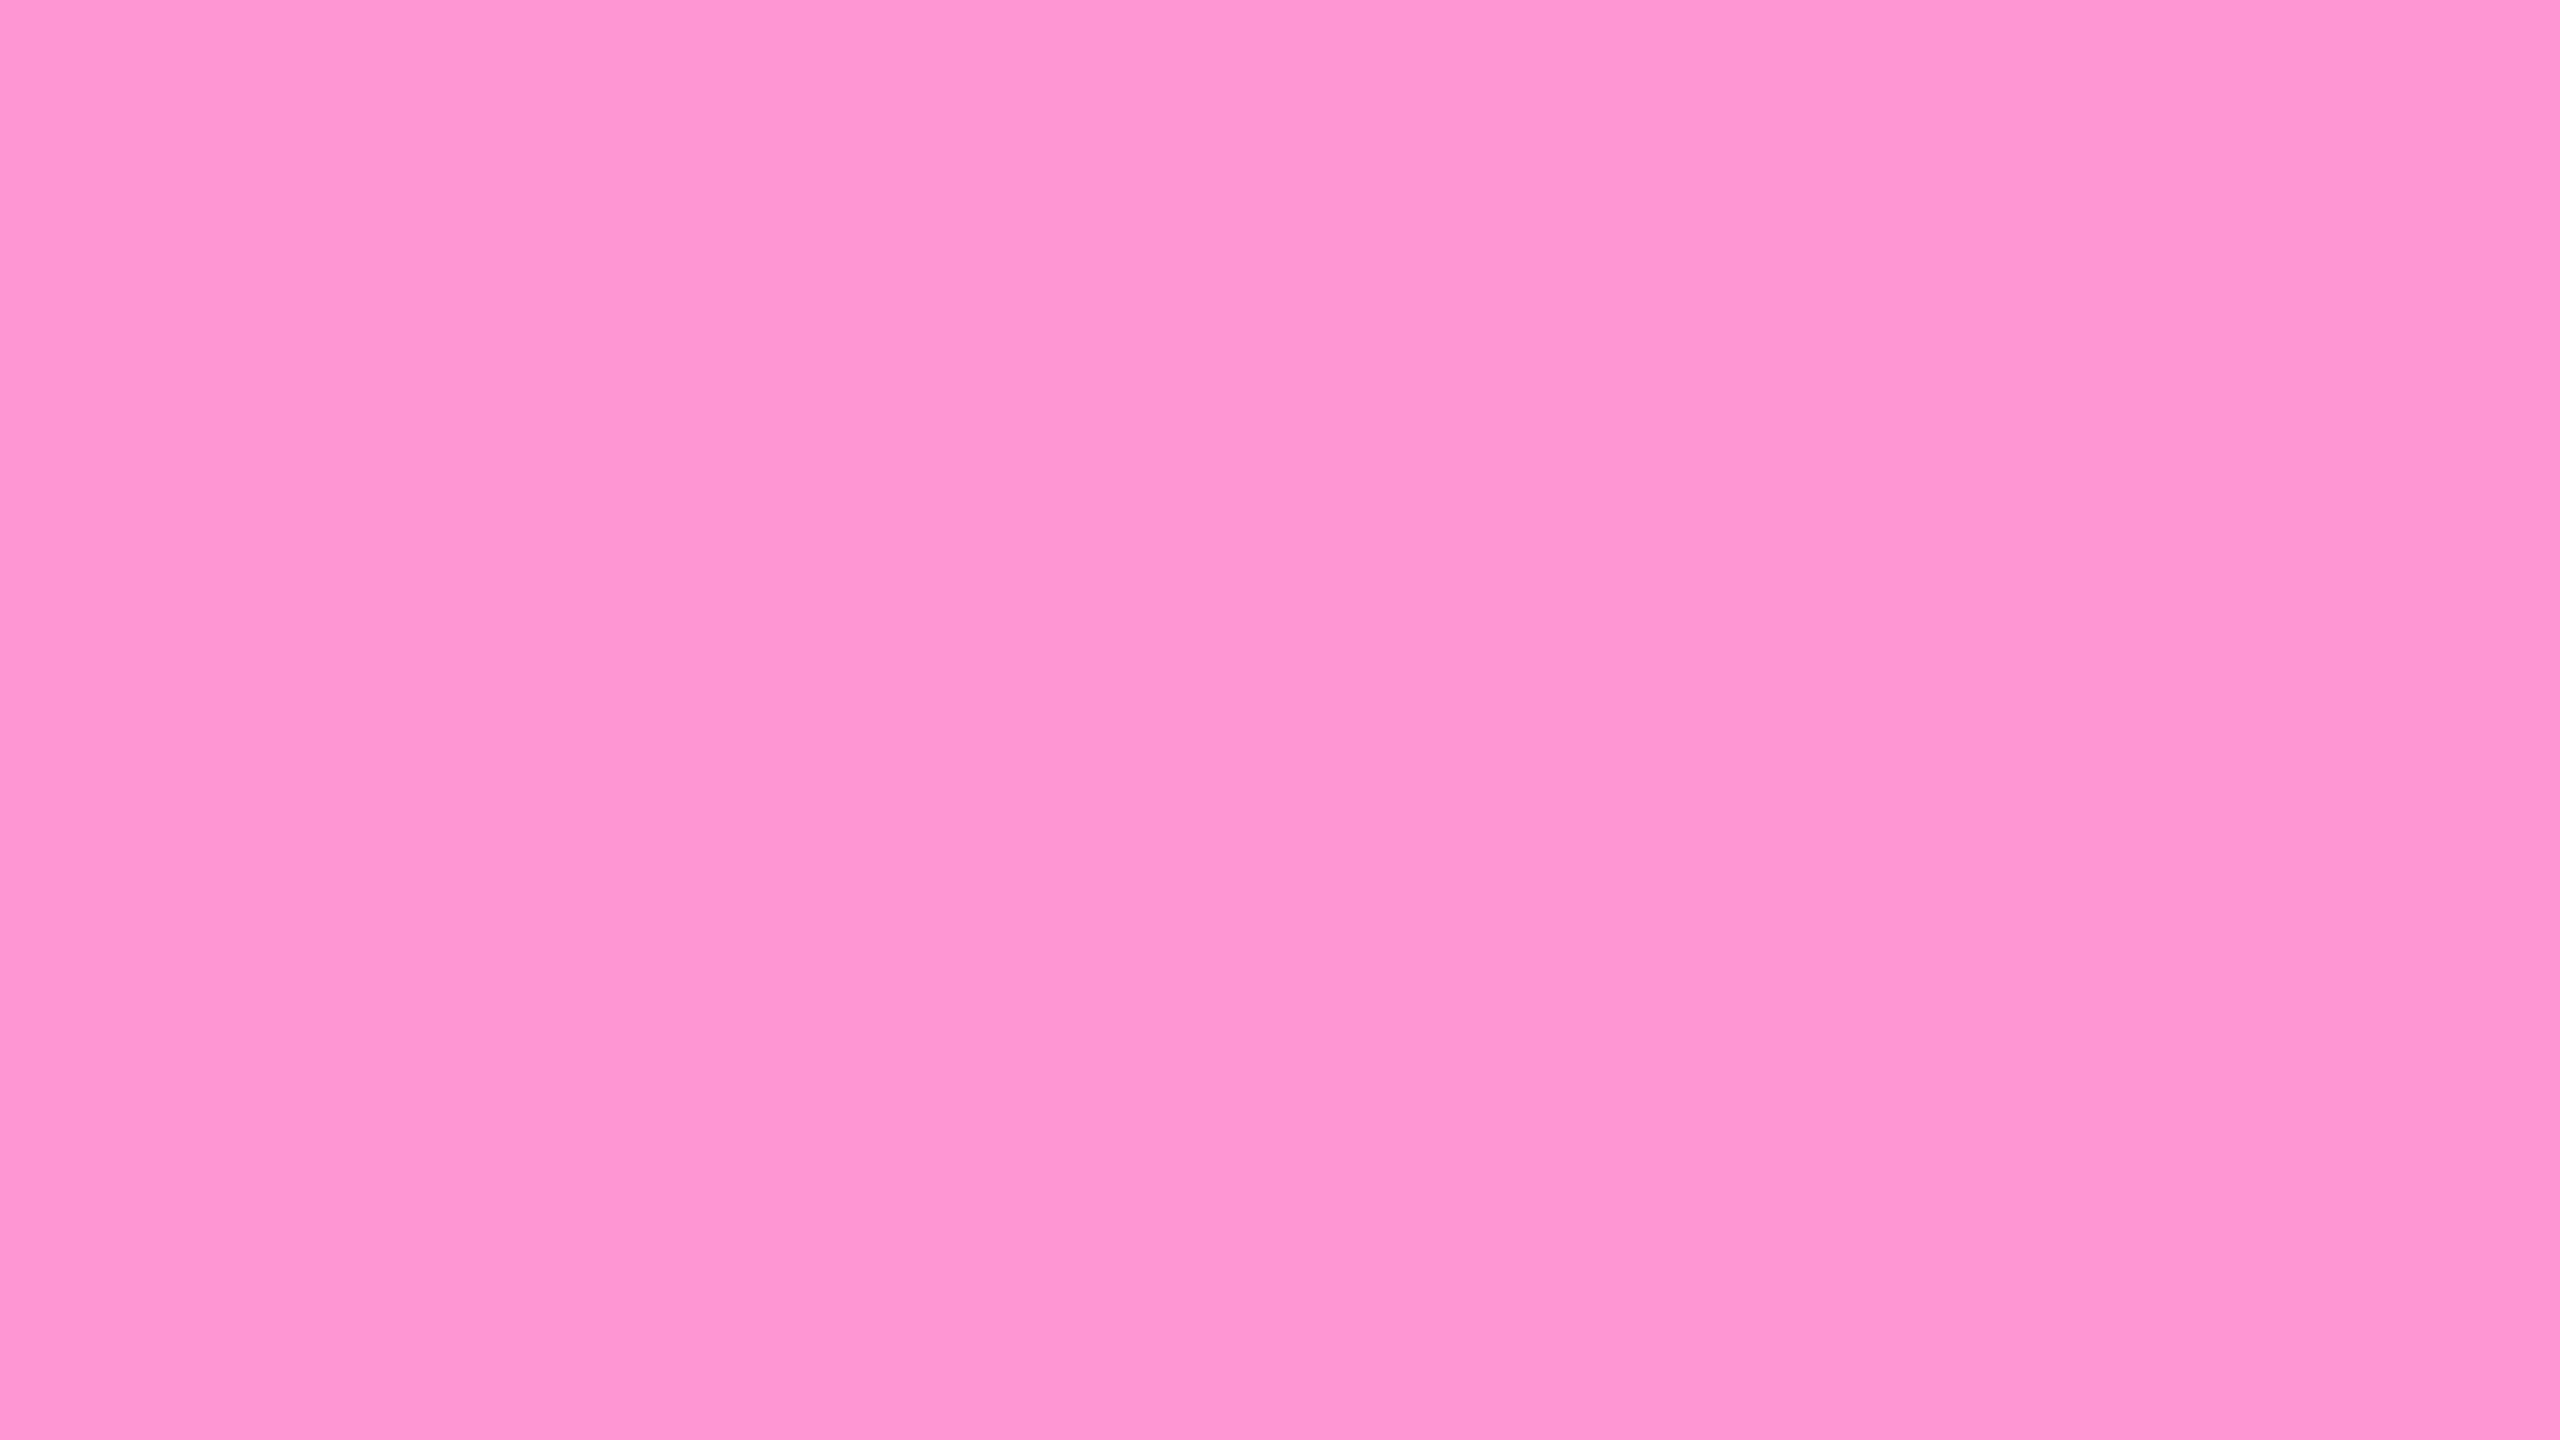 Light Pink Desktop Wallpaper #8286